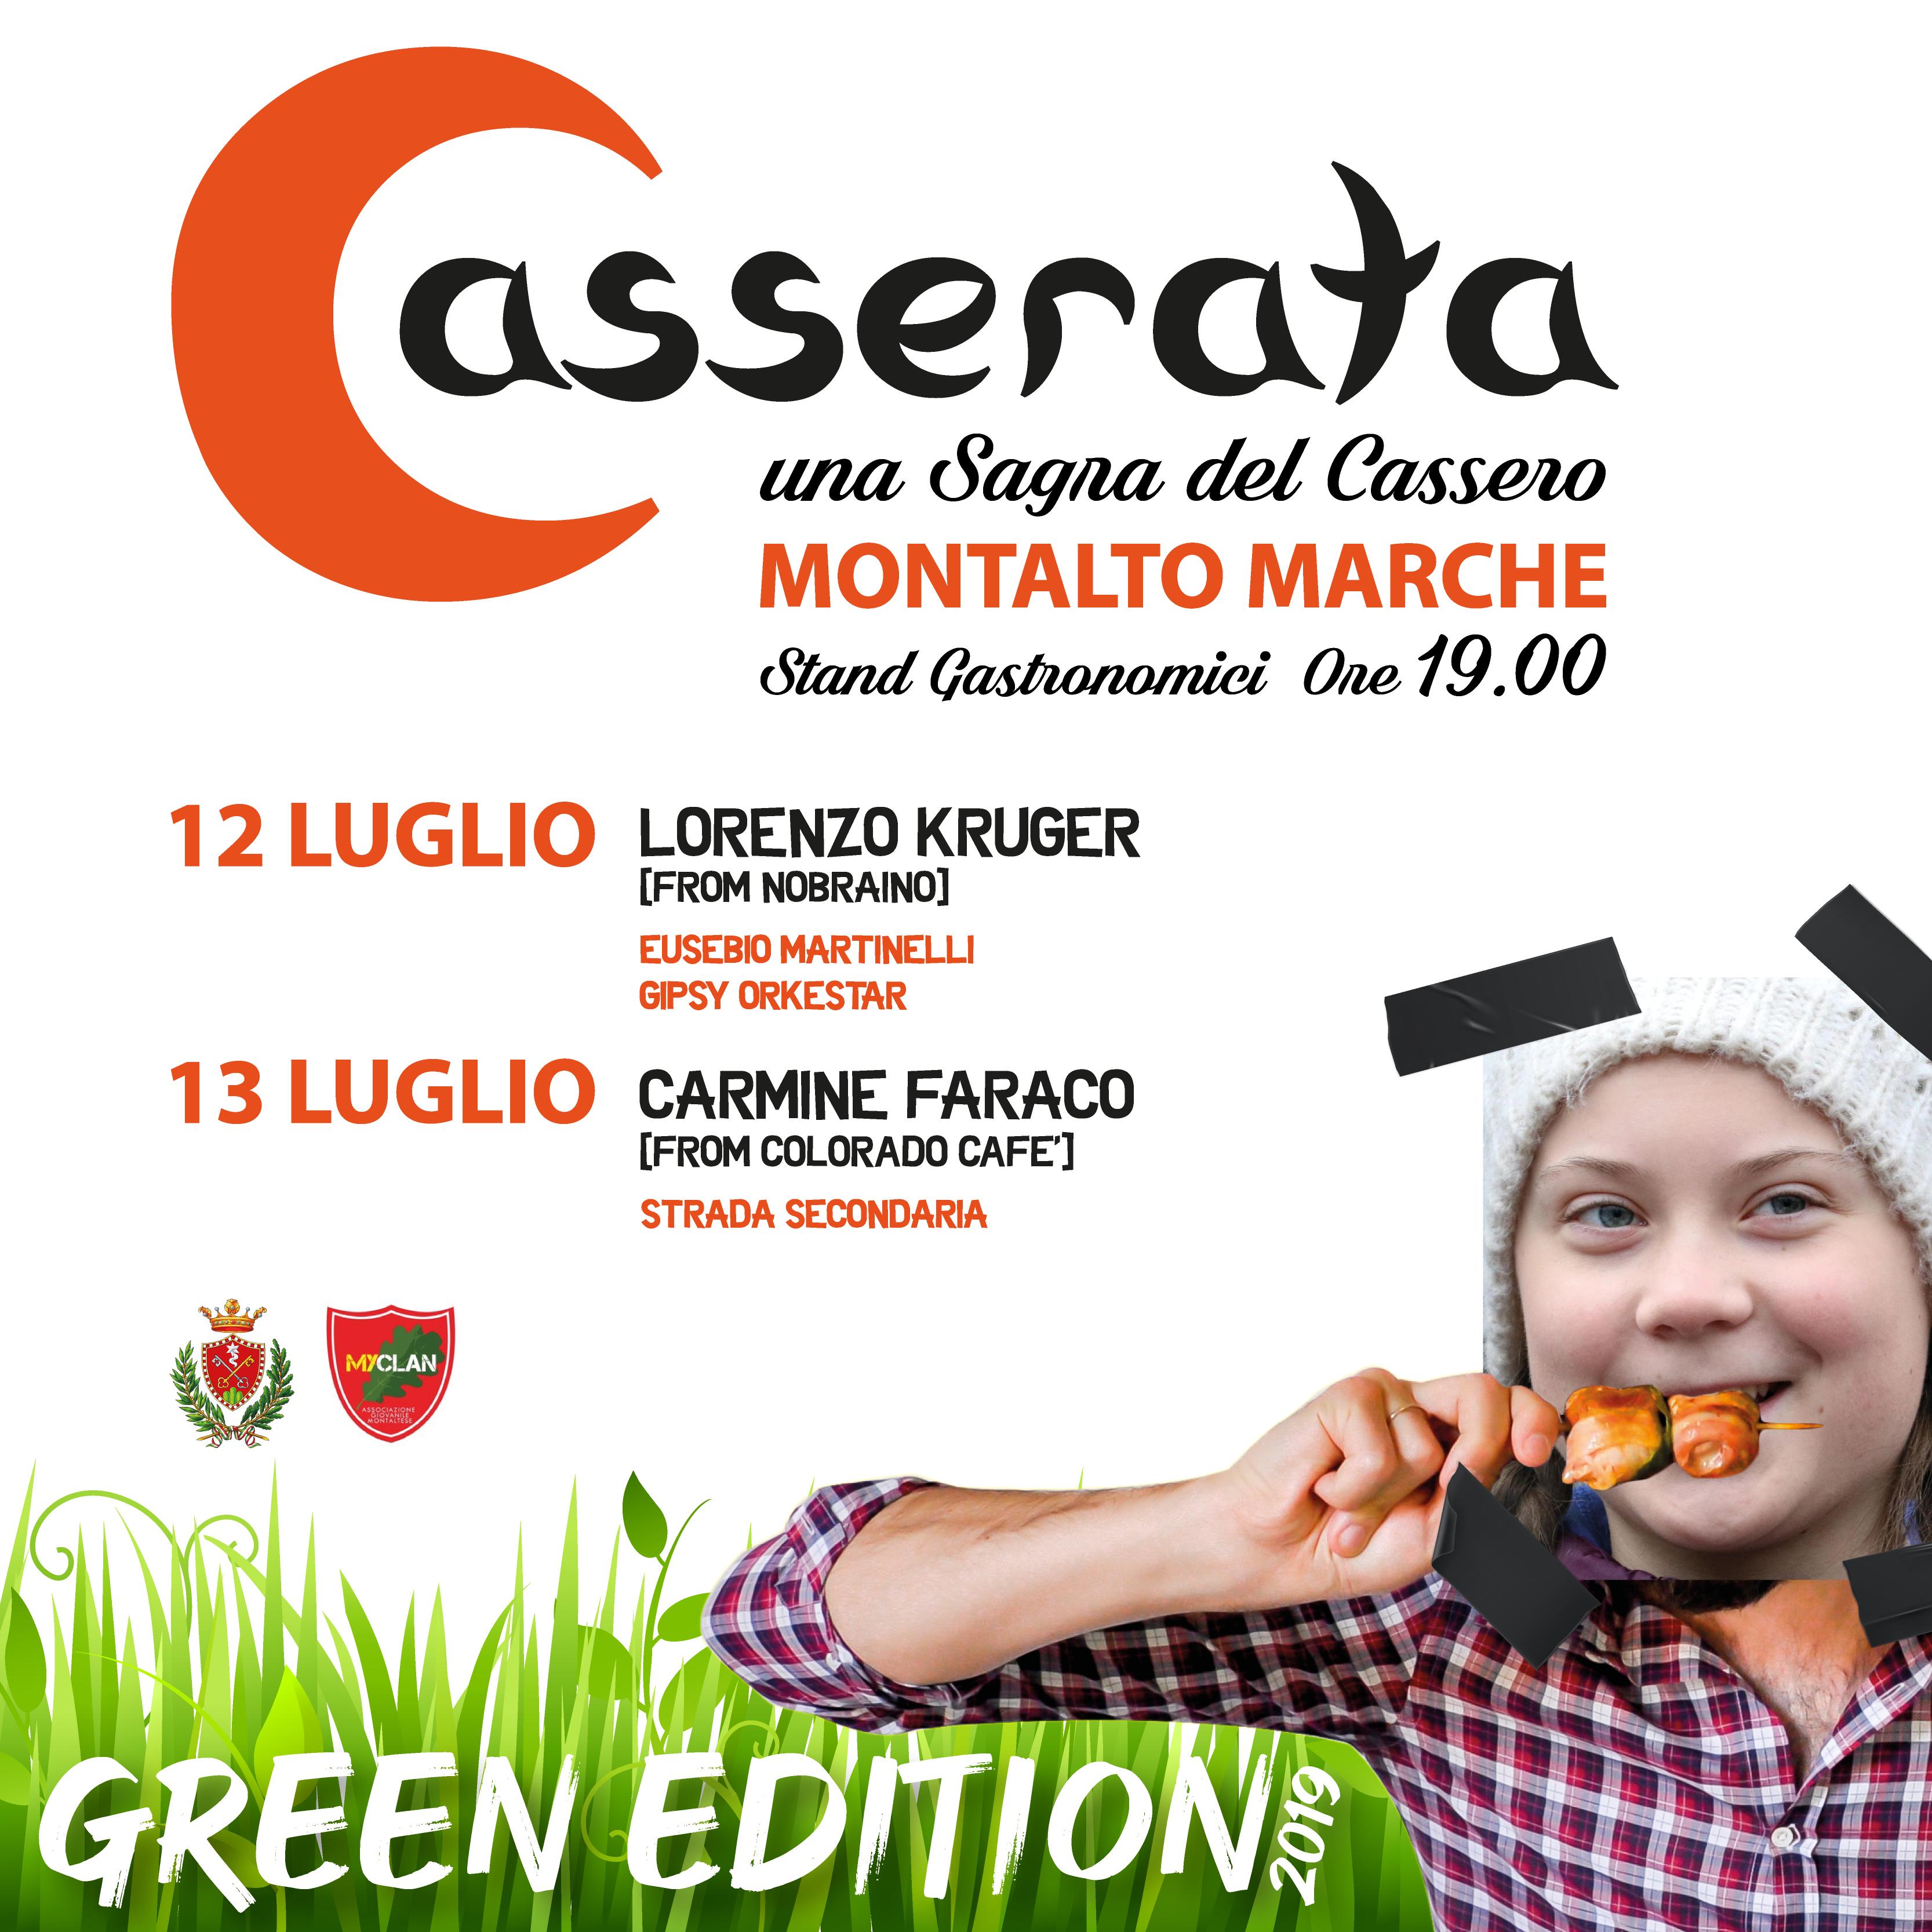 """< img src=""""https://www.la-notizia.net/casserata"""" alt=""""casserata"""""""